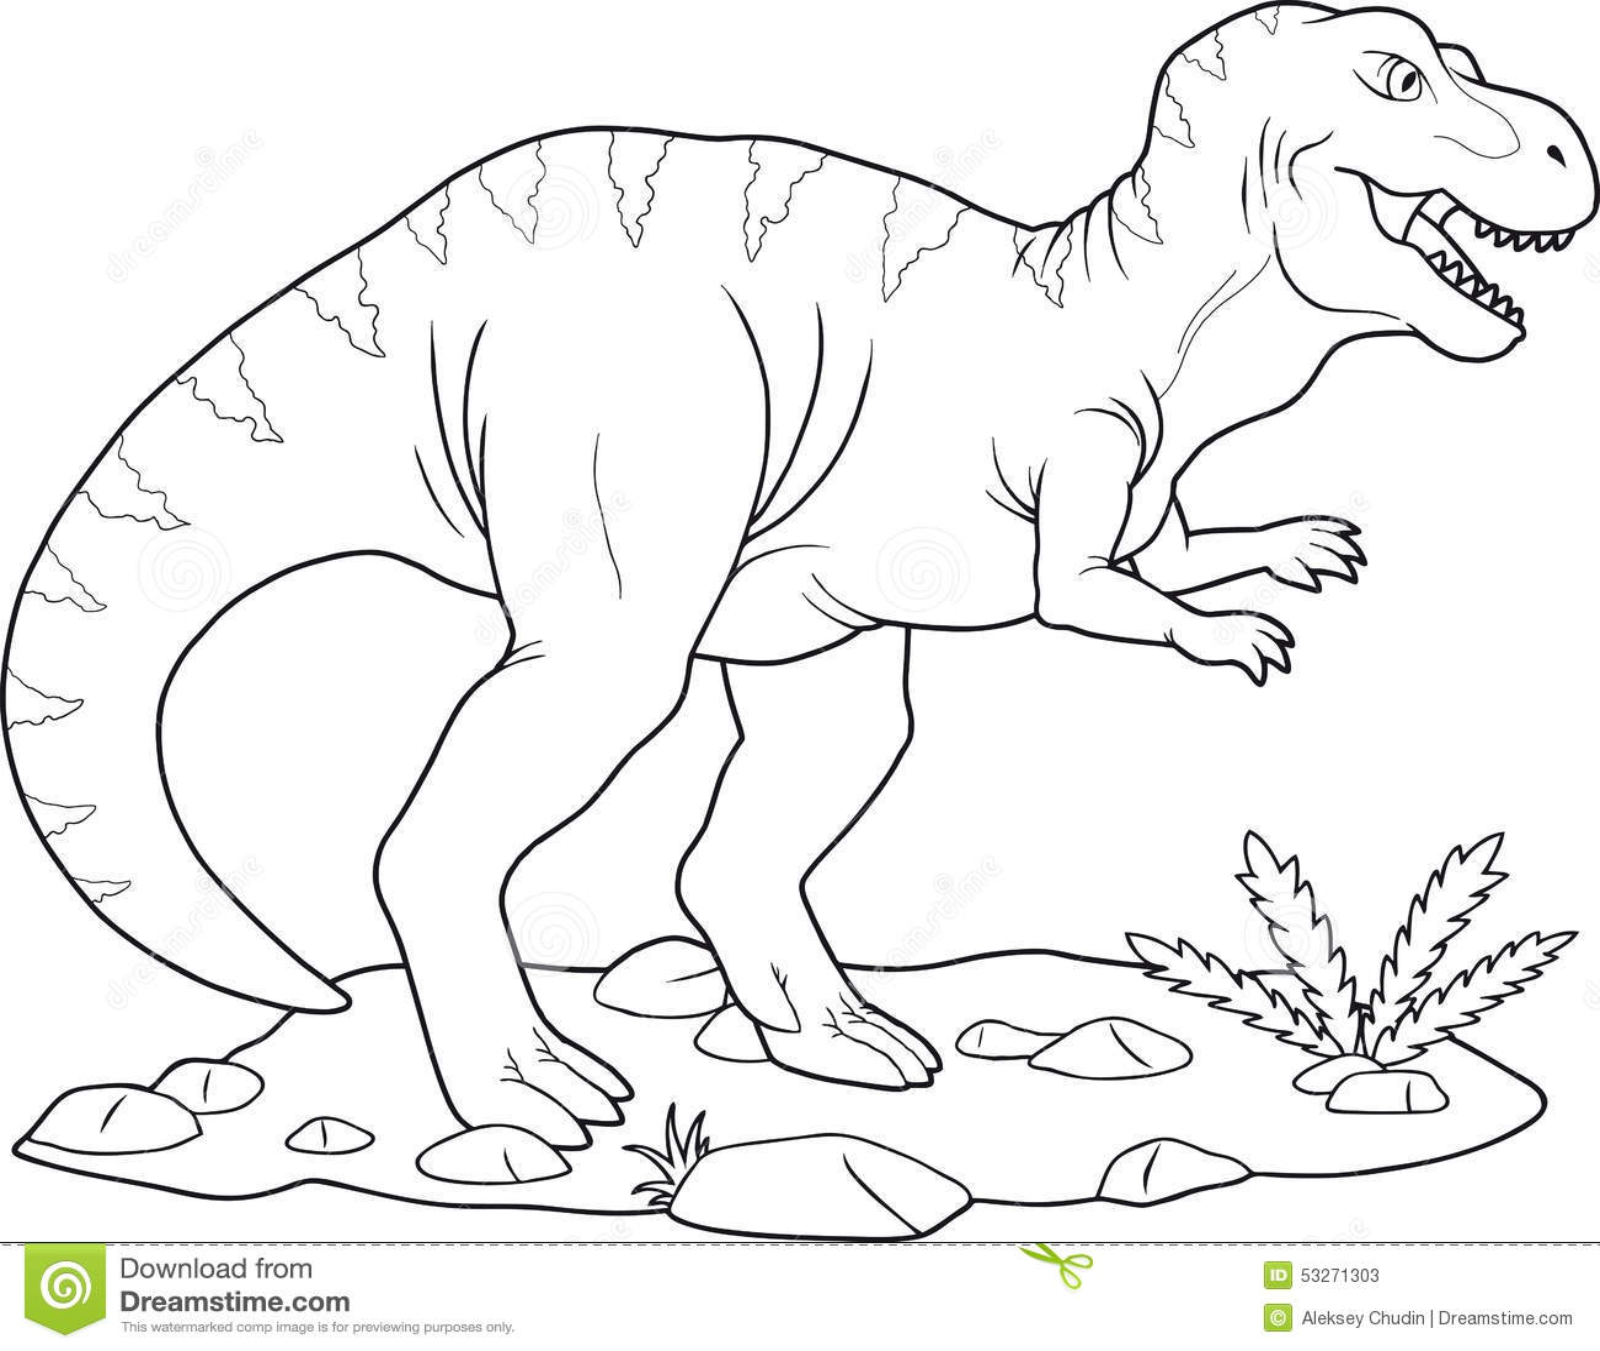 Tiranosaurio Rex ilustración del vector. Ilustración de libro - 53271303